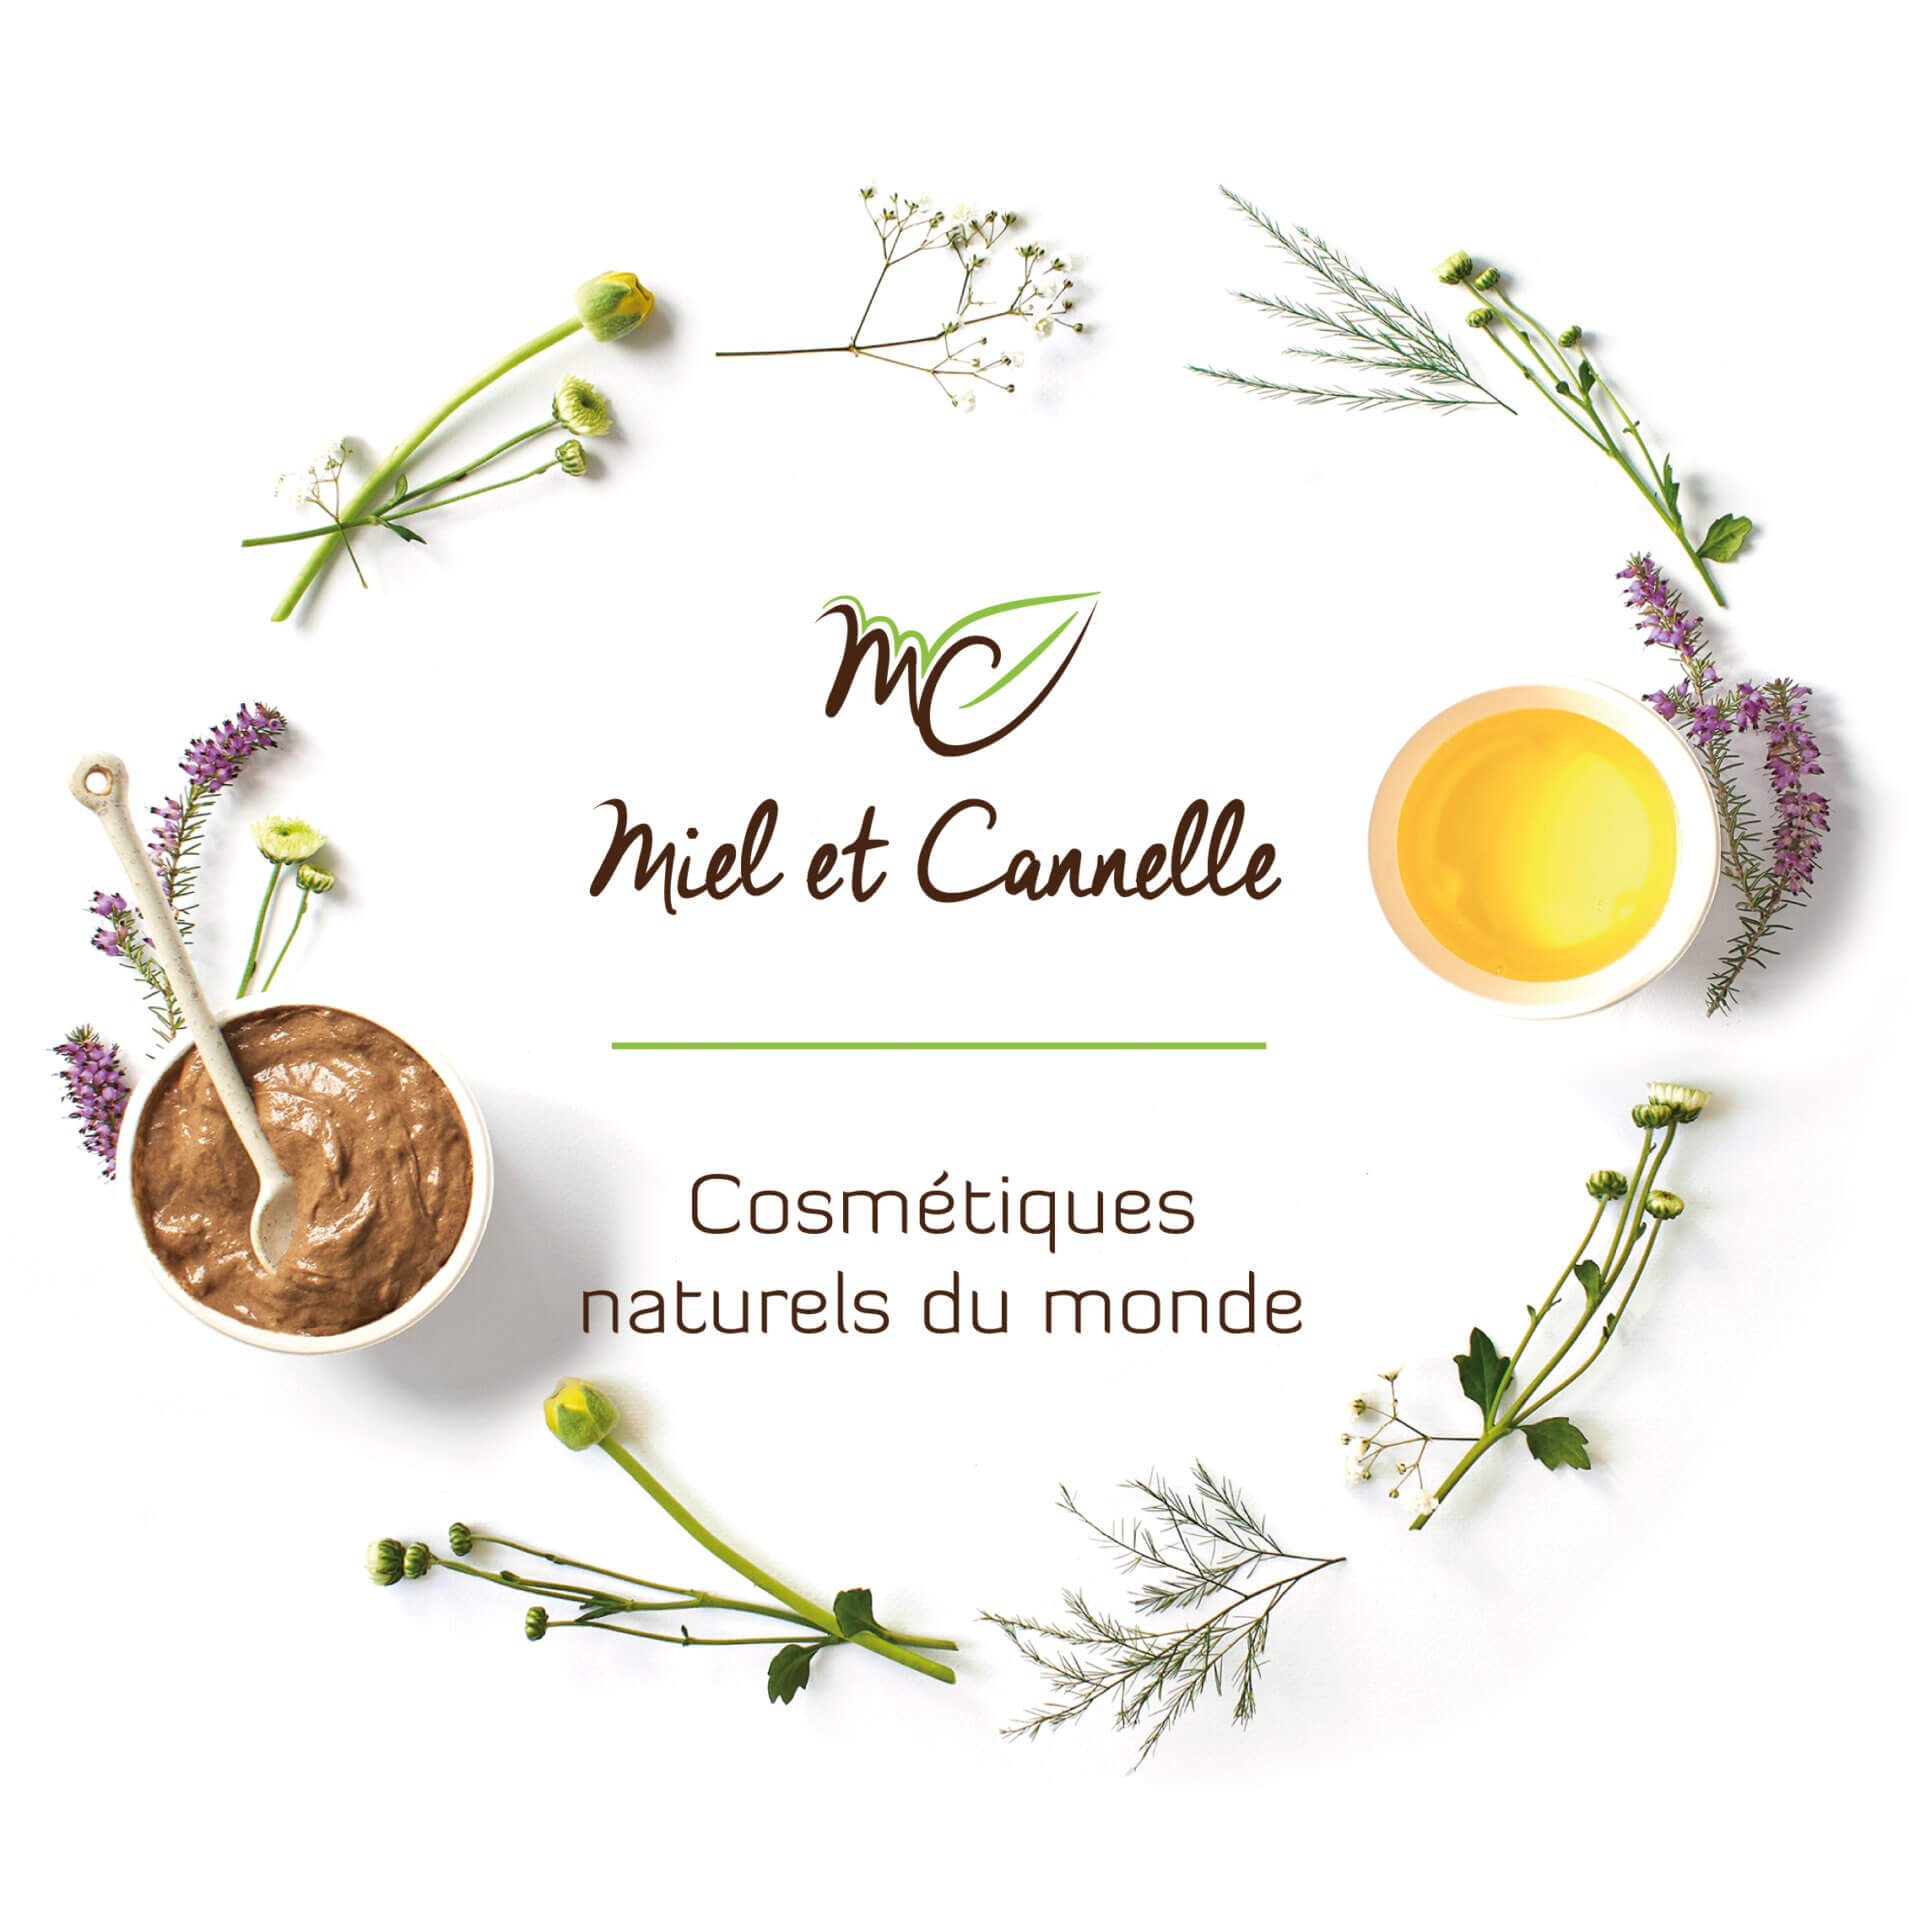 Création graphique gamme cosmétiques bio Miel et Cannelle